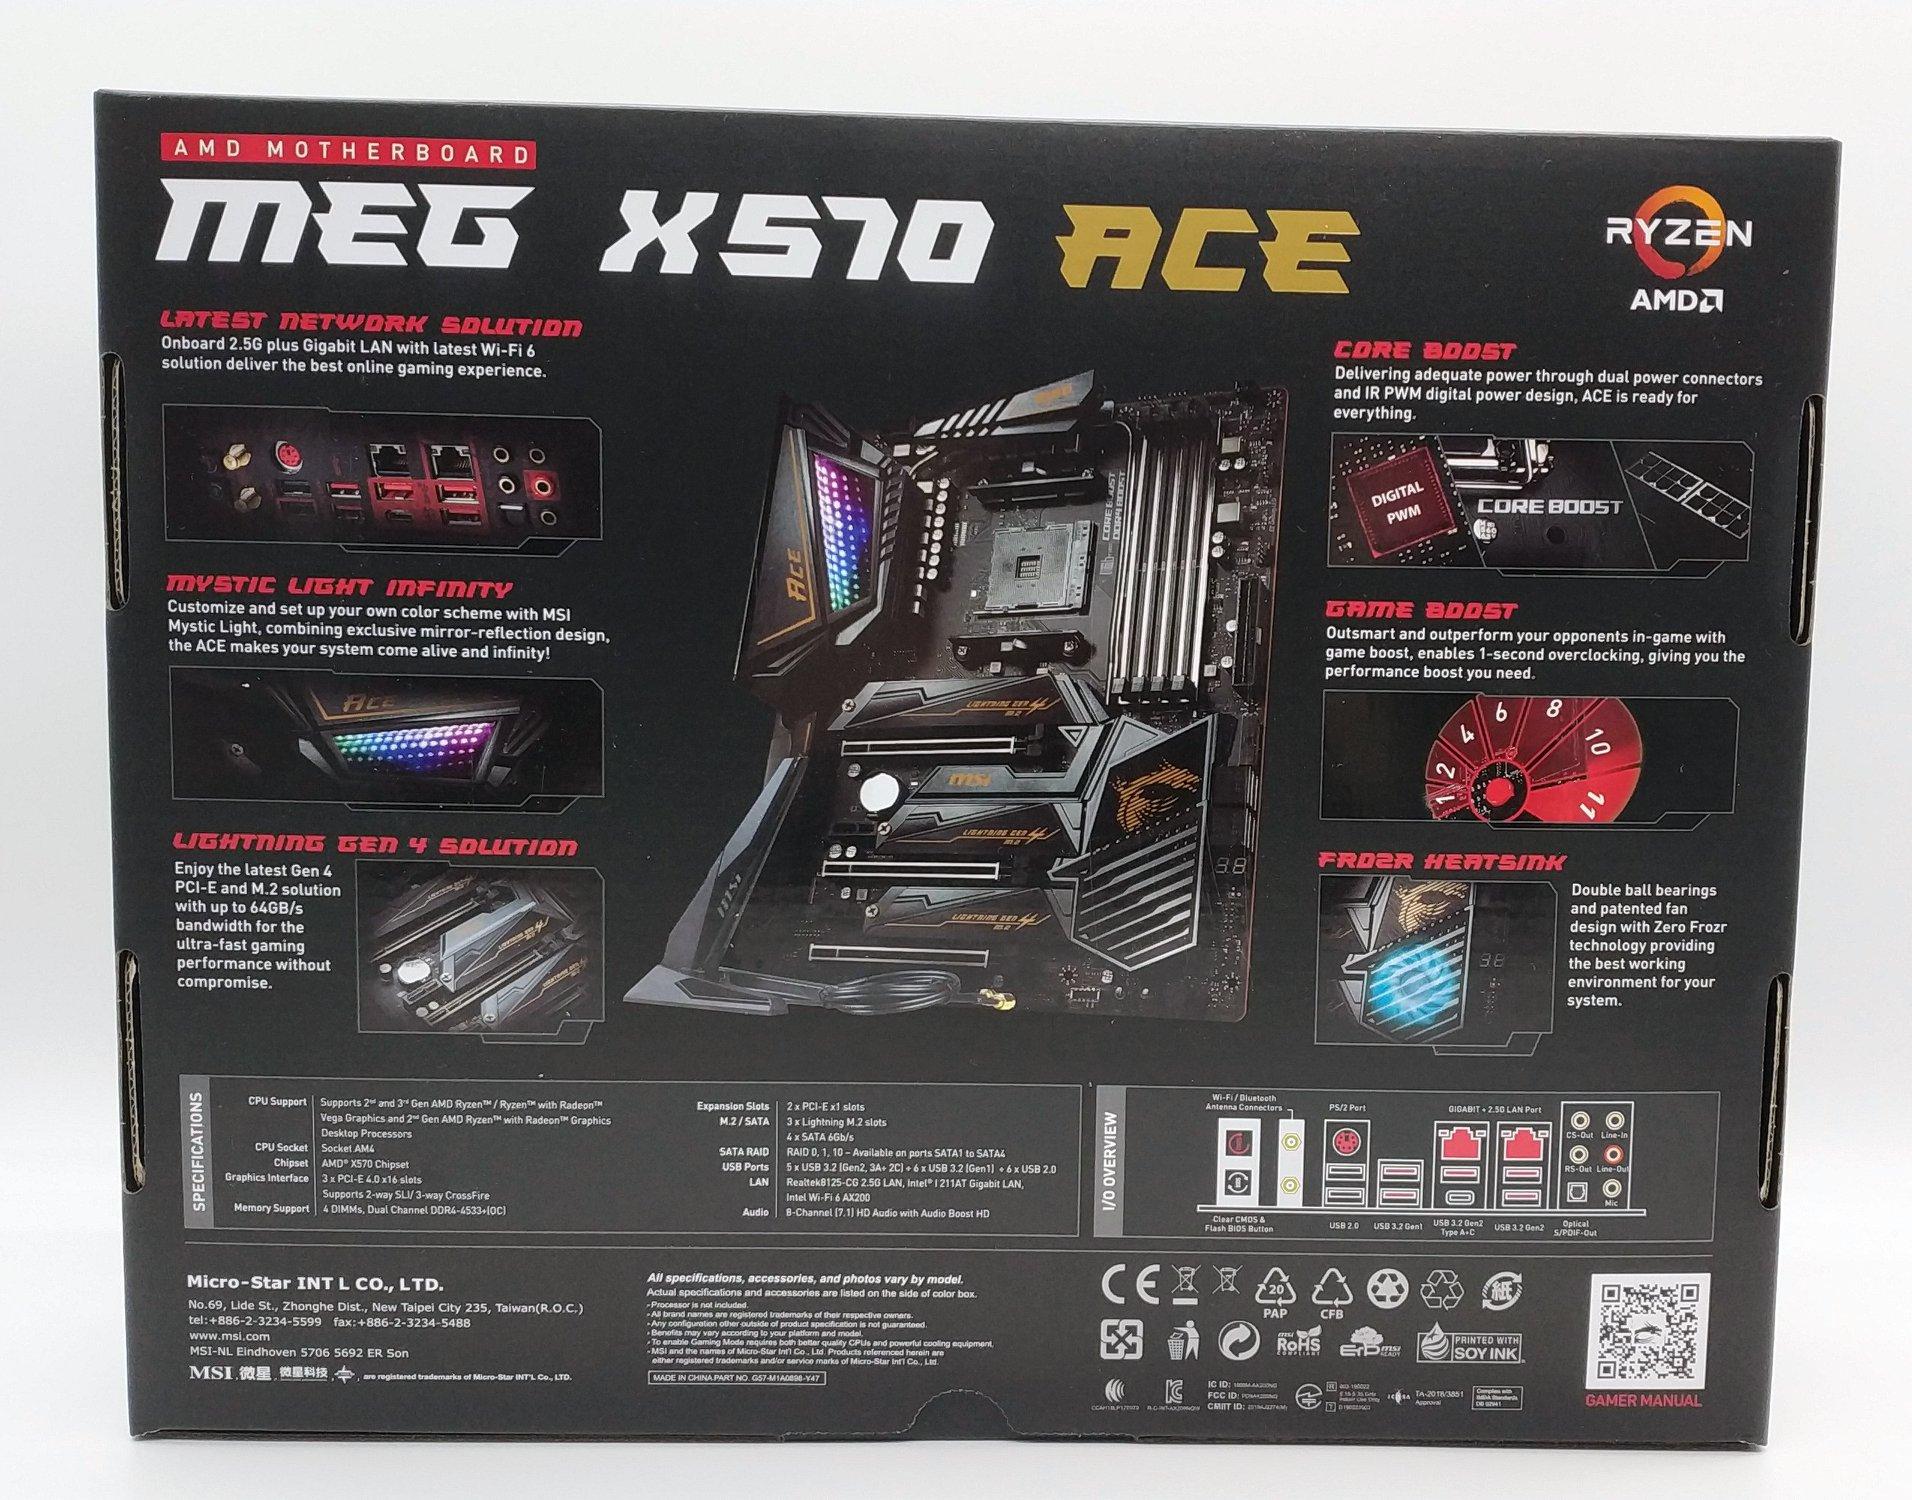 Bereits die Rückseite des Kartons ist nahezu überladen mit den diversen Features des MEG X570 ACE. Für ausreichende Konnektivität sorgen 2,5Gbit + 1Gbit LAN Anschlüsse kombiniert mit dem neuen WiFi6-Standard und Bluetooth 5.1. Neben diversen Auto-OC Funktionen und eigentlich unnötiger, doppelter 8-Pin EPS Stromversorgung für die CPU darf natürlich RGB nicht fehlen, sonst gehen gleich mindestens 5 FPS verloren! Alle drei der PCIe 4.0 Slots verfügen zudem über einen passiven Kühlkörper, der Chipsatzkühler hingegen kommt mit einem kleinen Lüfter daher. Dieser bleibt im Betrieb glücklicherweise absolut geräuschlos.